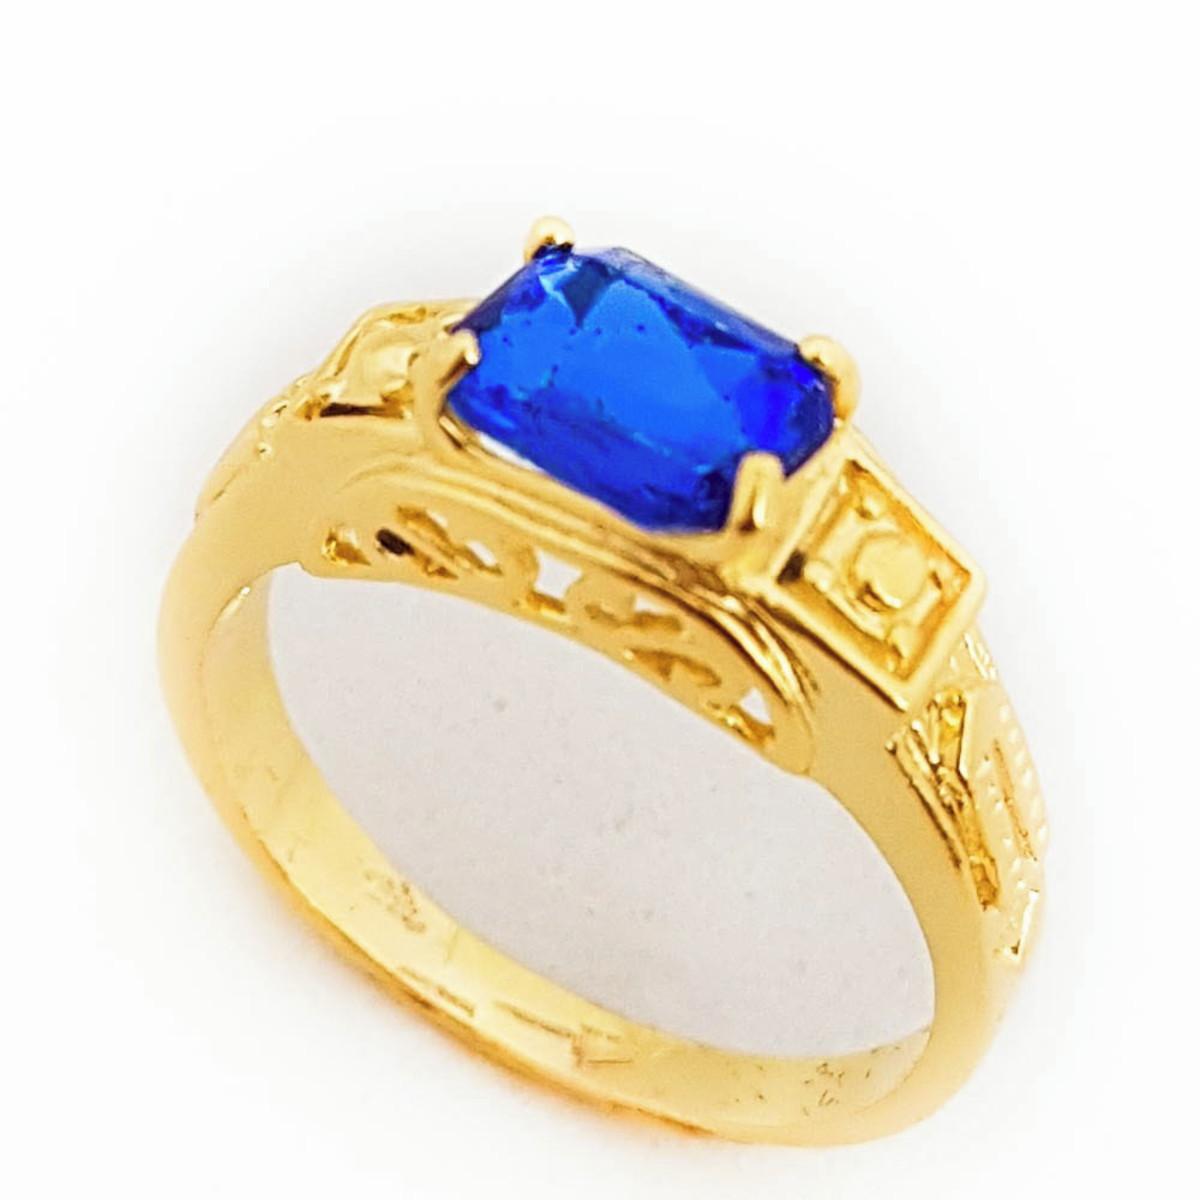 Anel Azul Safira Formatura Folheado A Ouro 18k. no Elo7   Anaisa ... 75500fd321